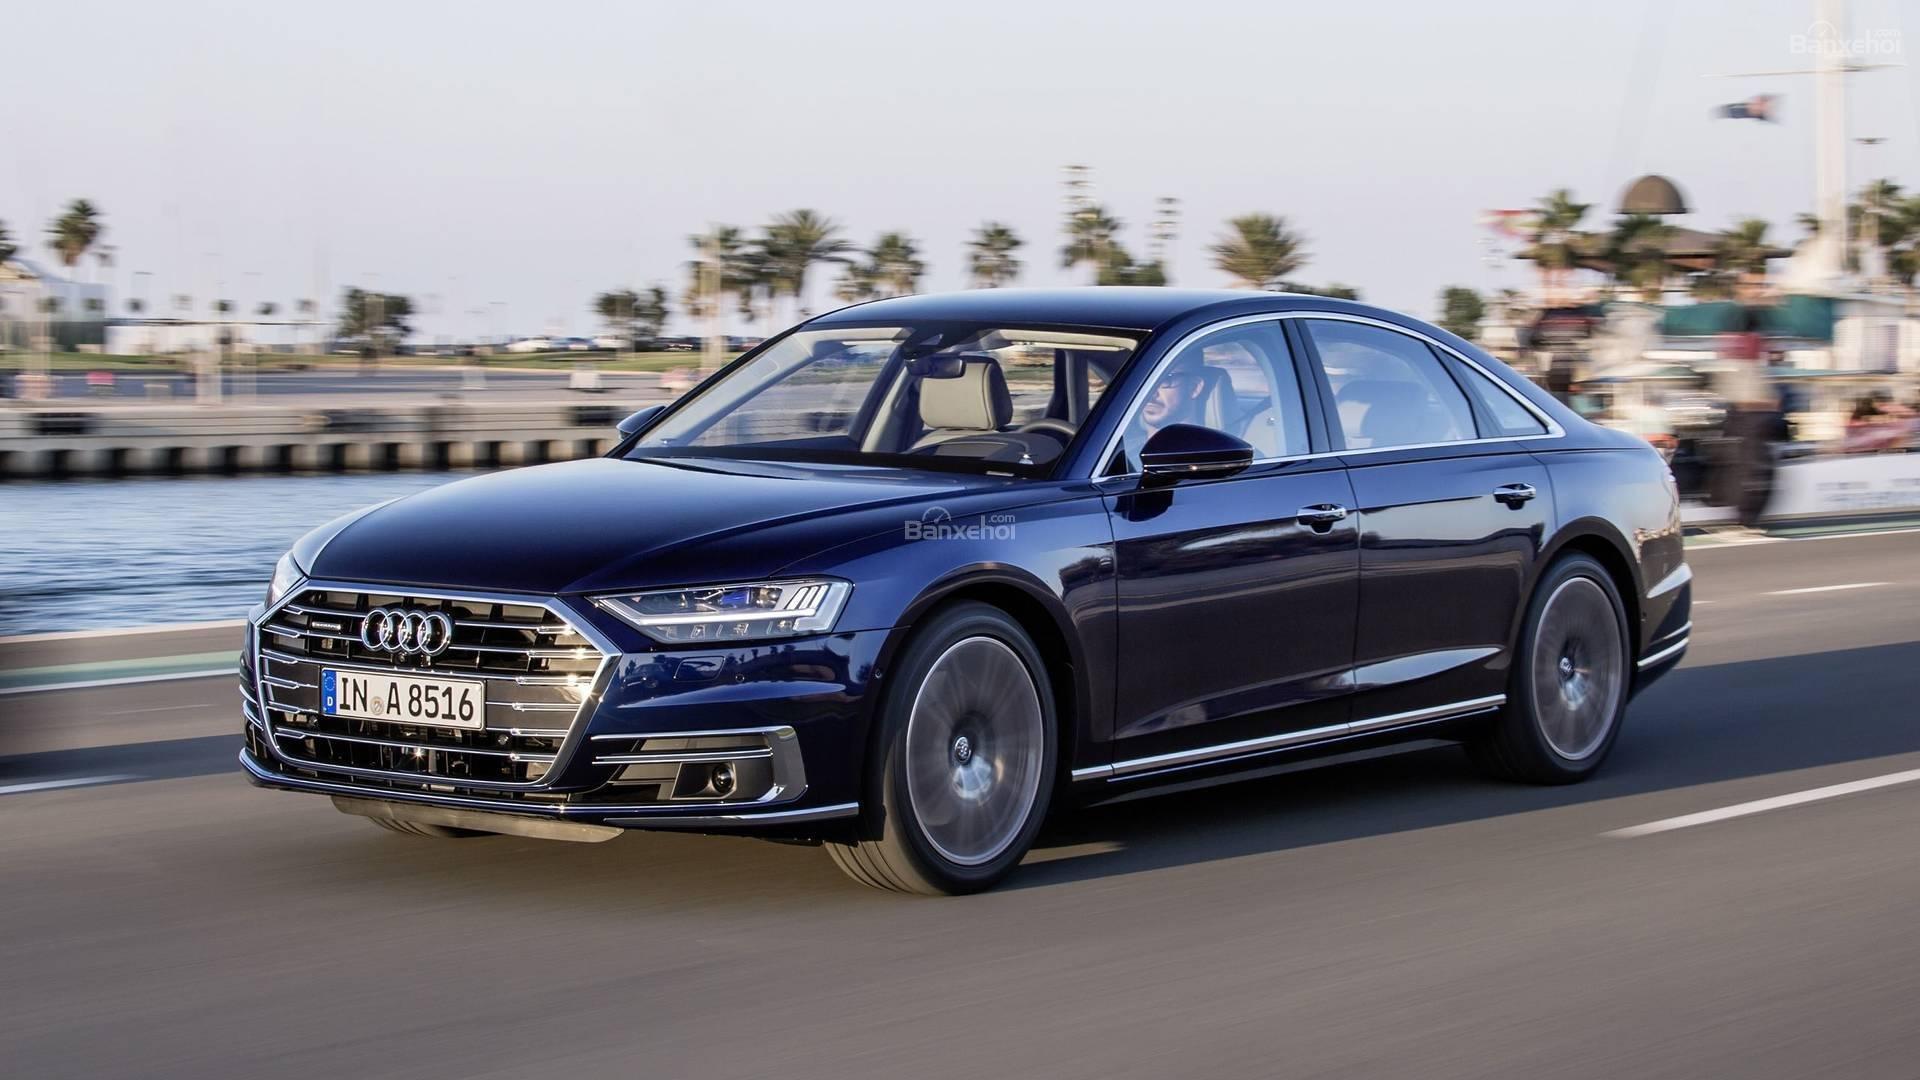 Audi ra mắt tính năng trả phí cầu đường tích hợp trên xe ô tô 1a